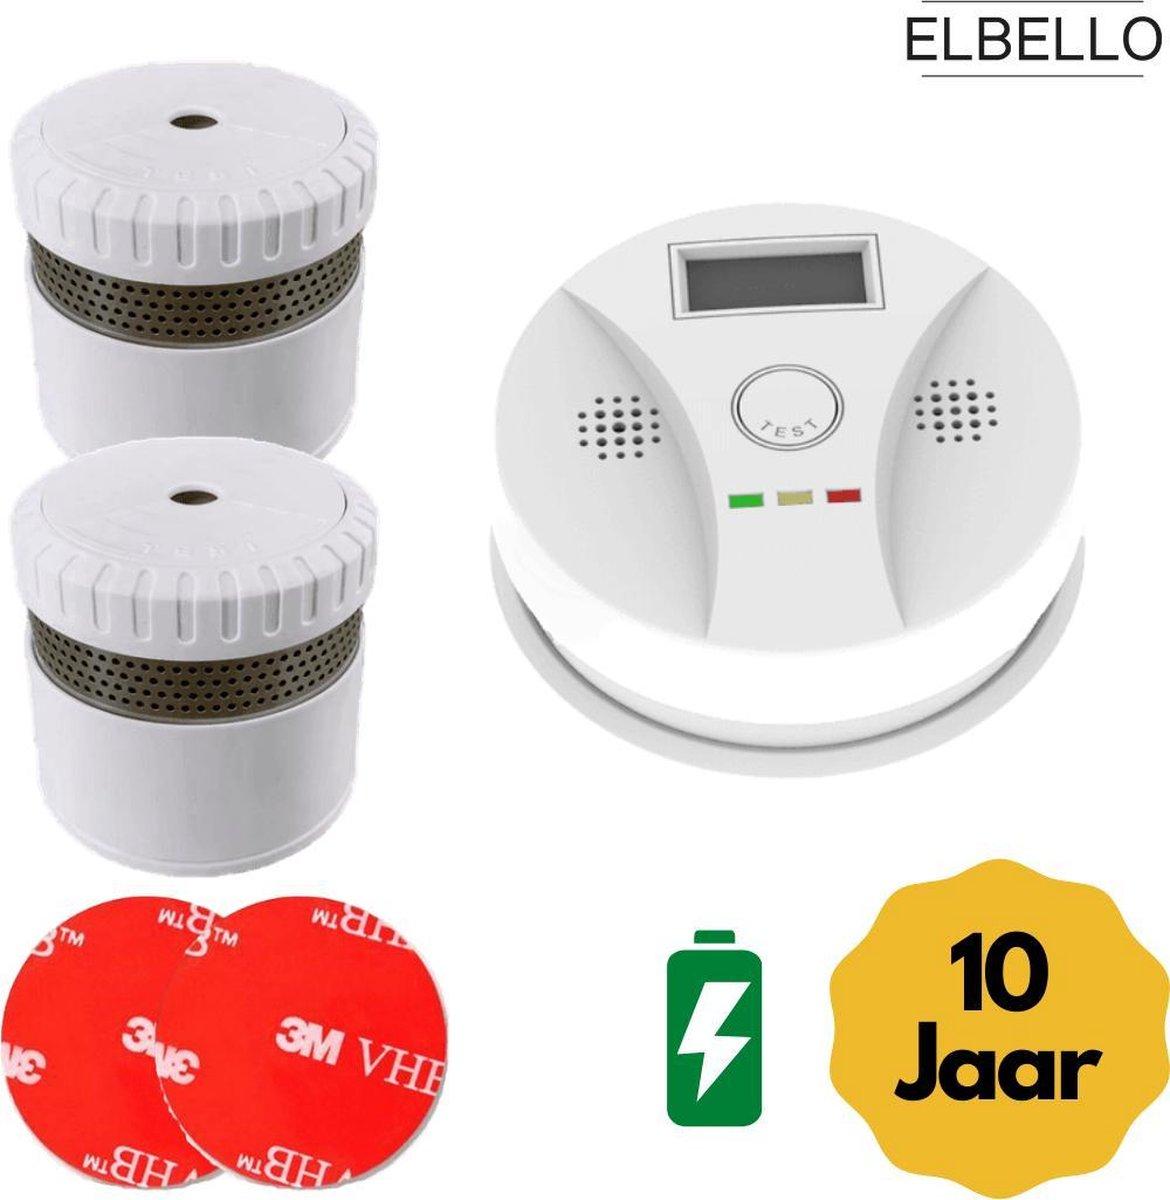 ELBELLO FS31 - 2 rookmelders en koolstofmonoxidemelder set -  inclusief 10 jaar batterij - zonder bo